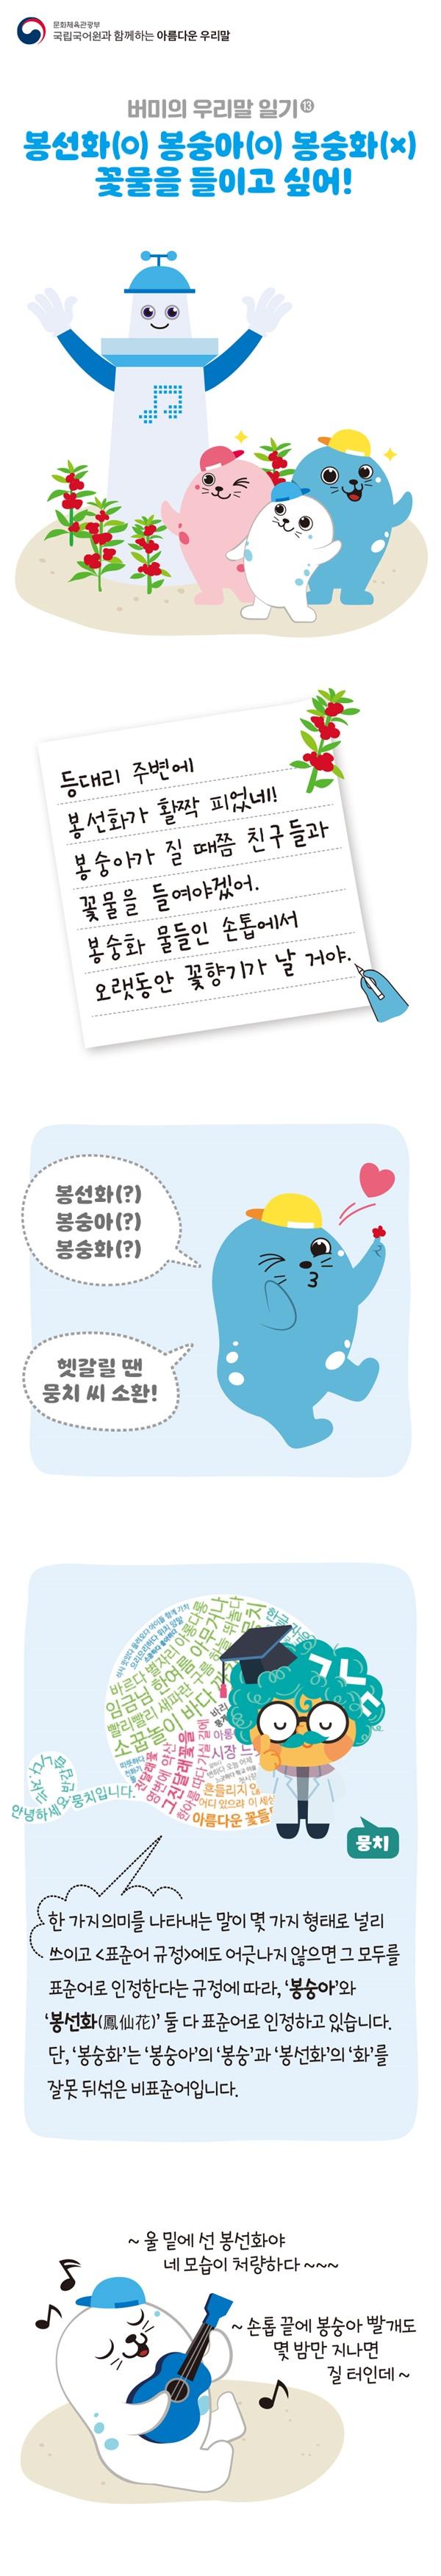 [웹툰] 버미의 우리말 일기 - 봉선화(o) 봉숭아(o) 봉숭화(x) 꽃물을 들이고 싶어!